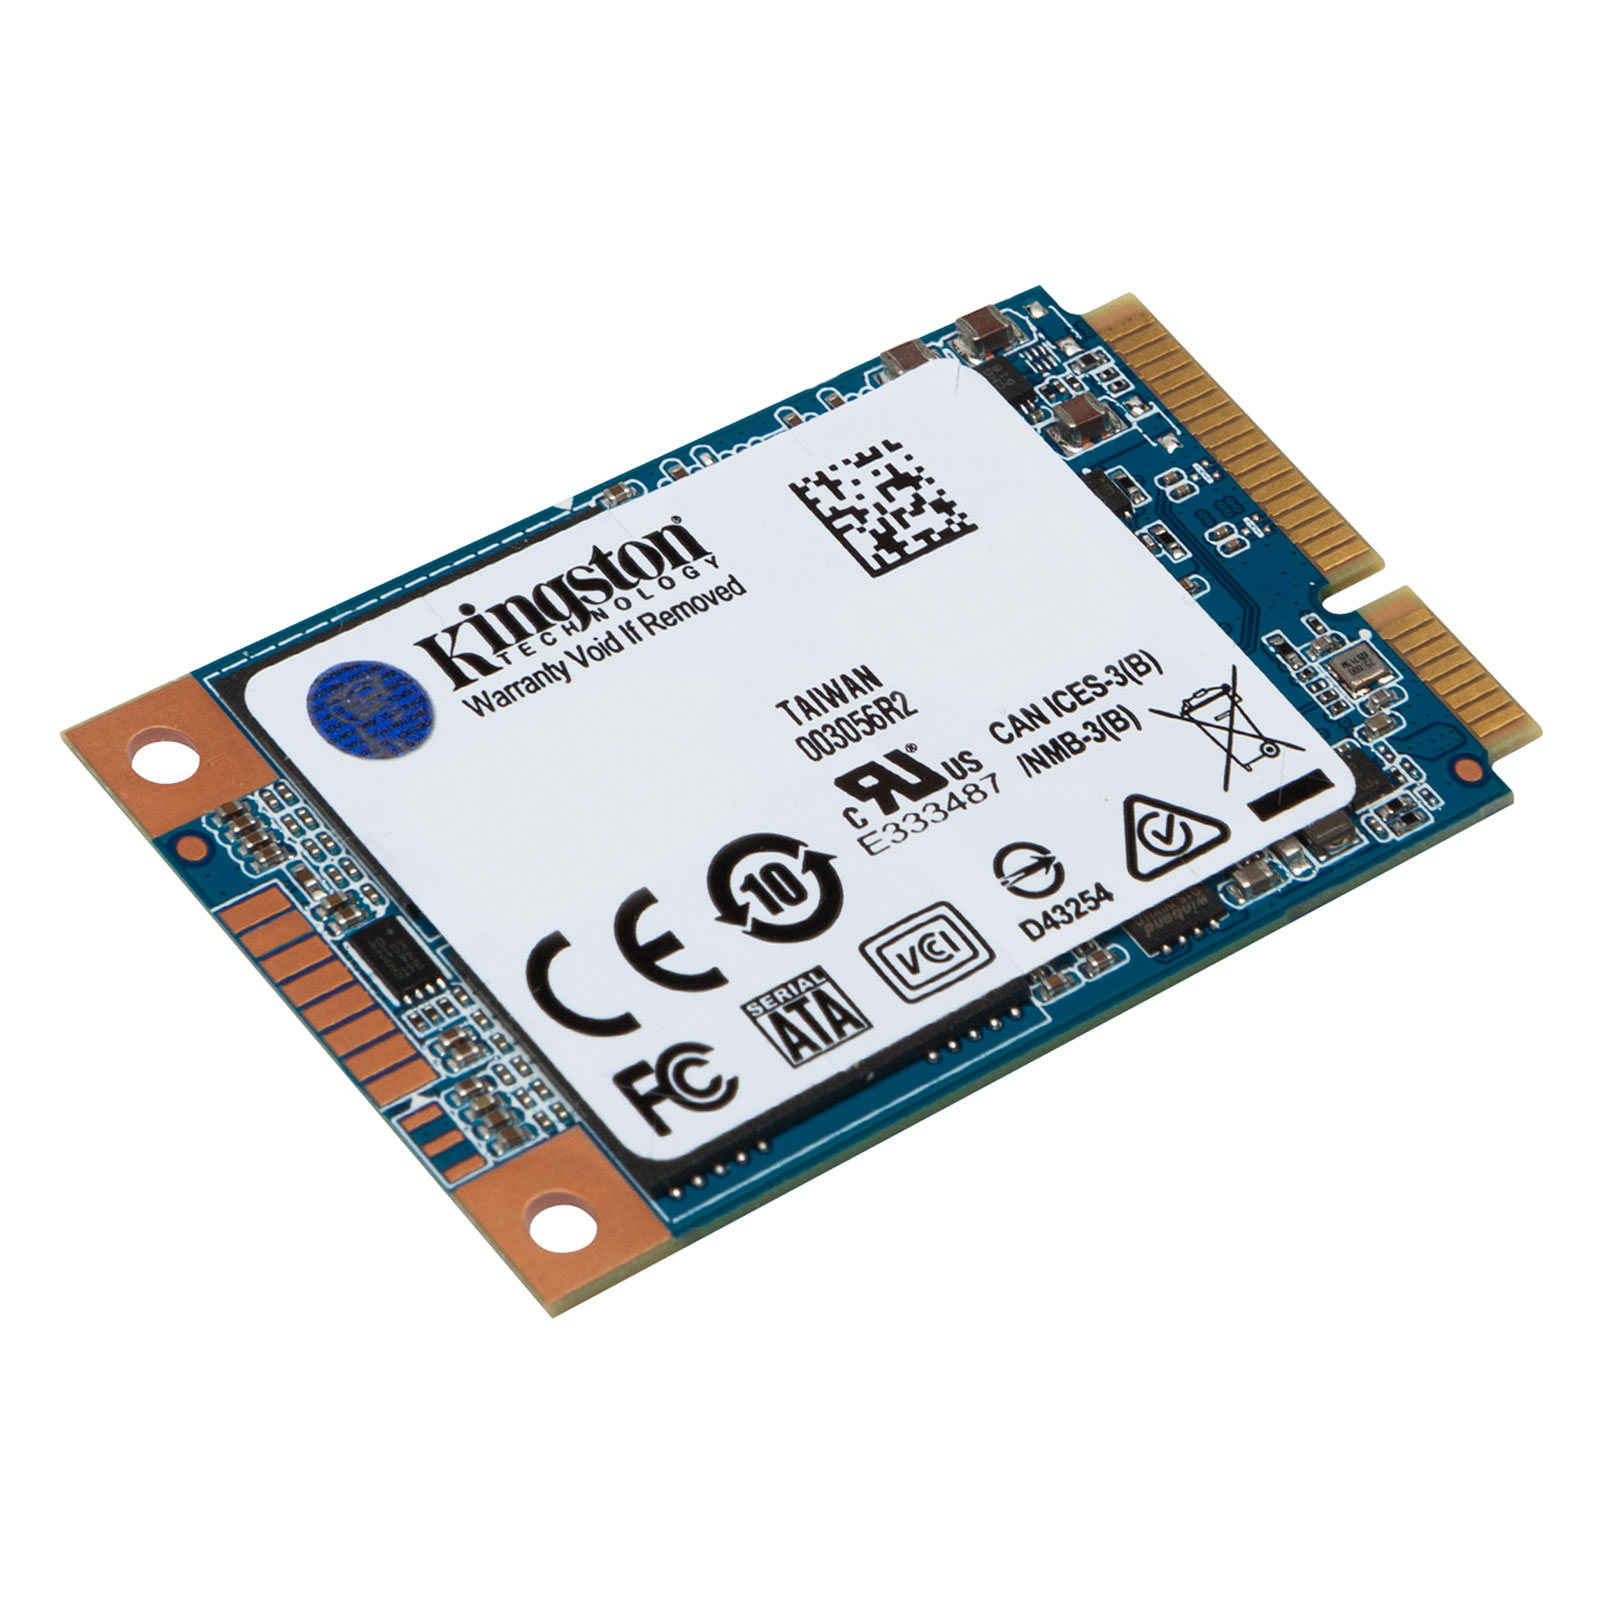 Disque SSD Kingston SSD UV500 mSATA 480 Go SSD 480 Go mSATA 6Gb/s